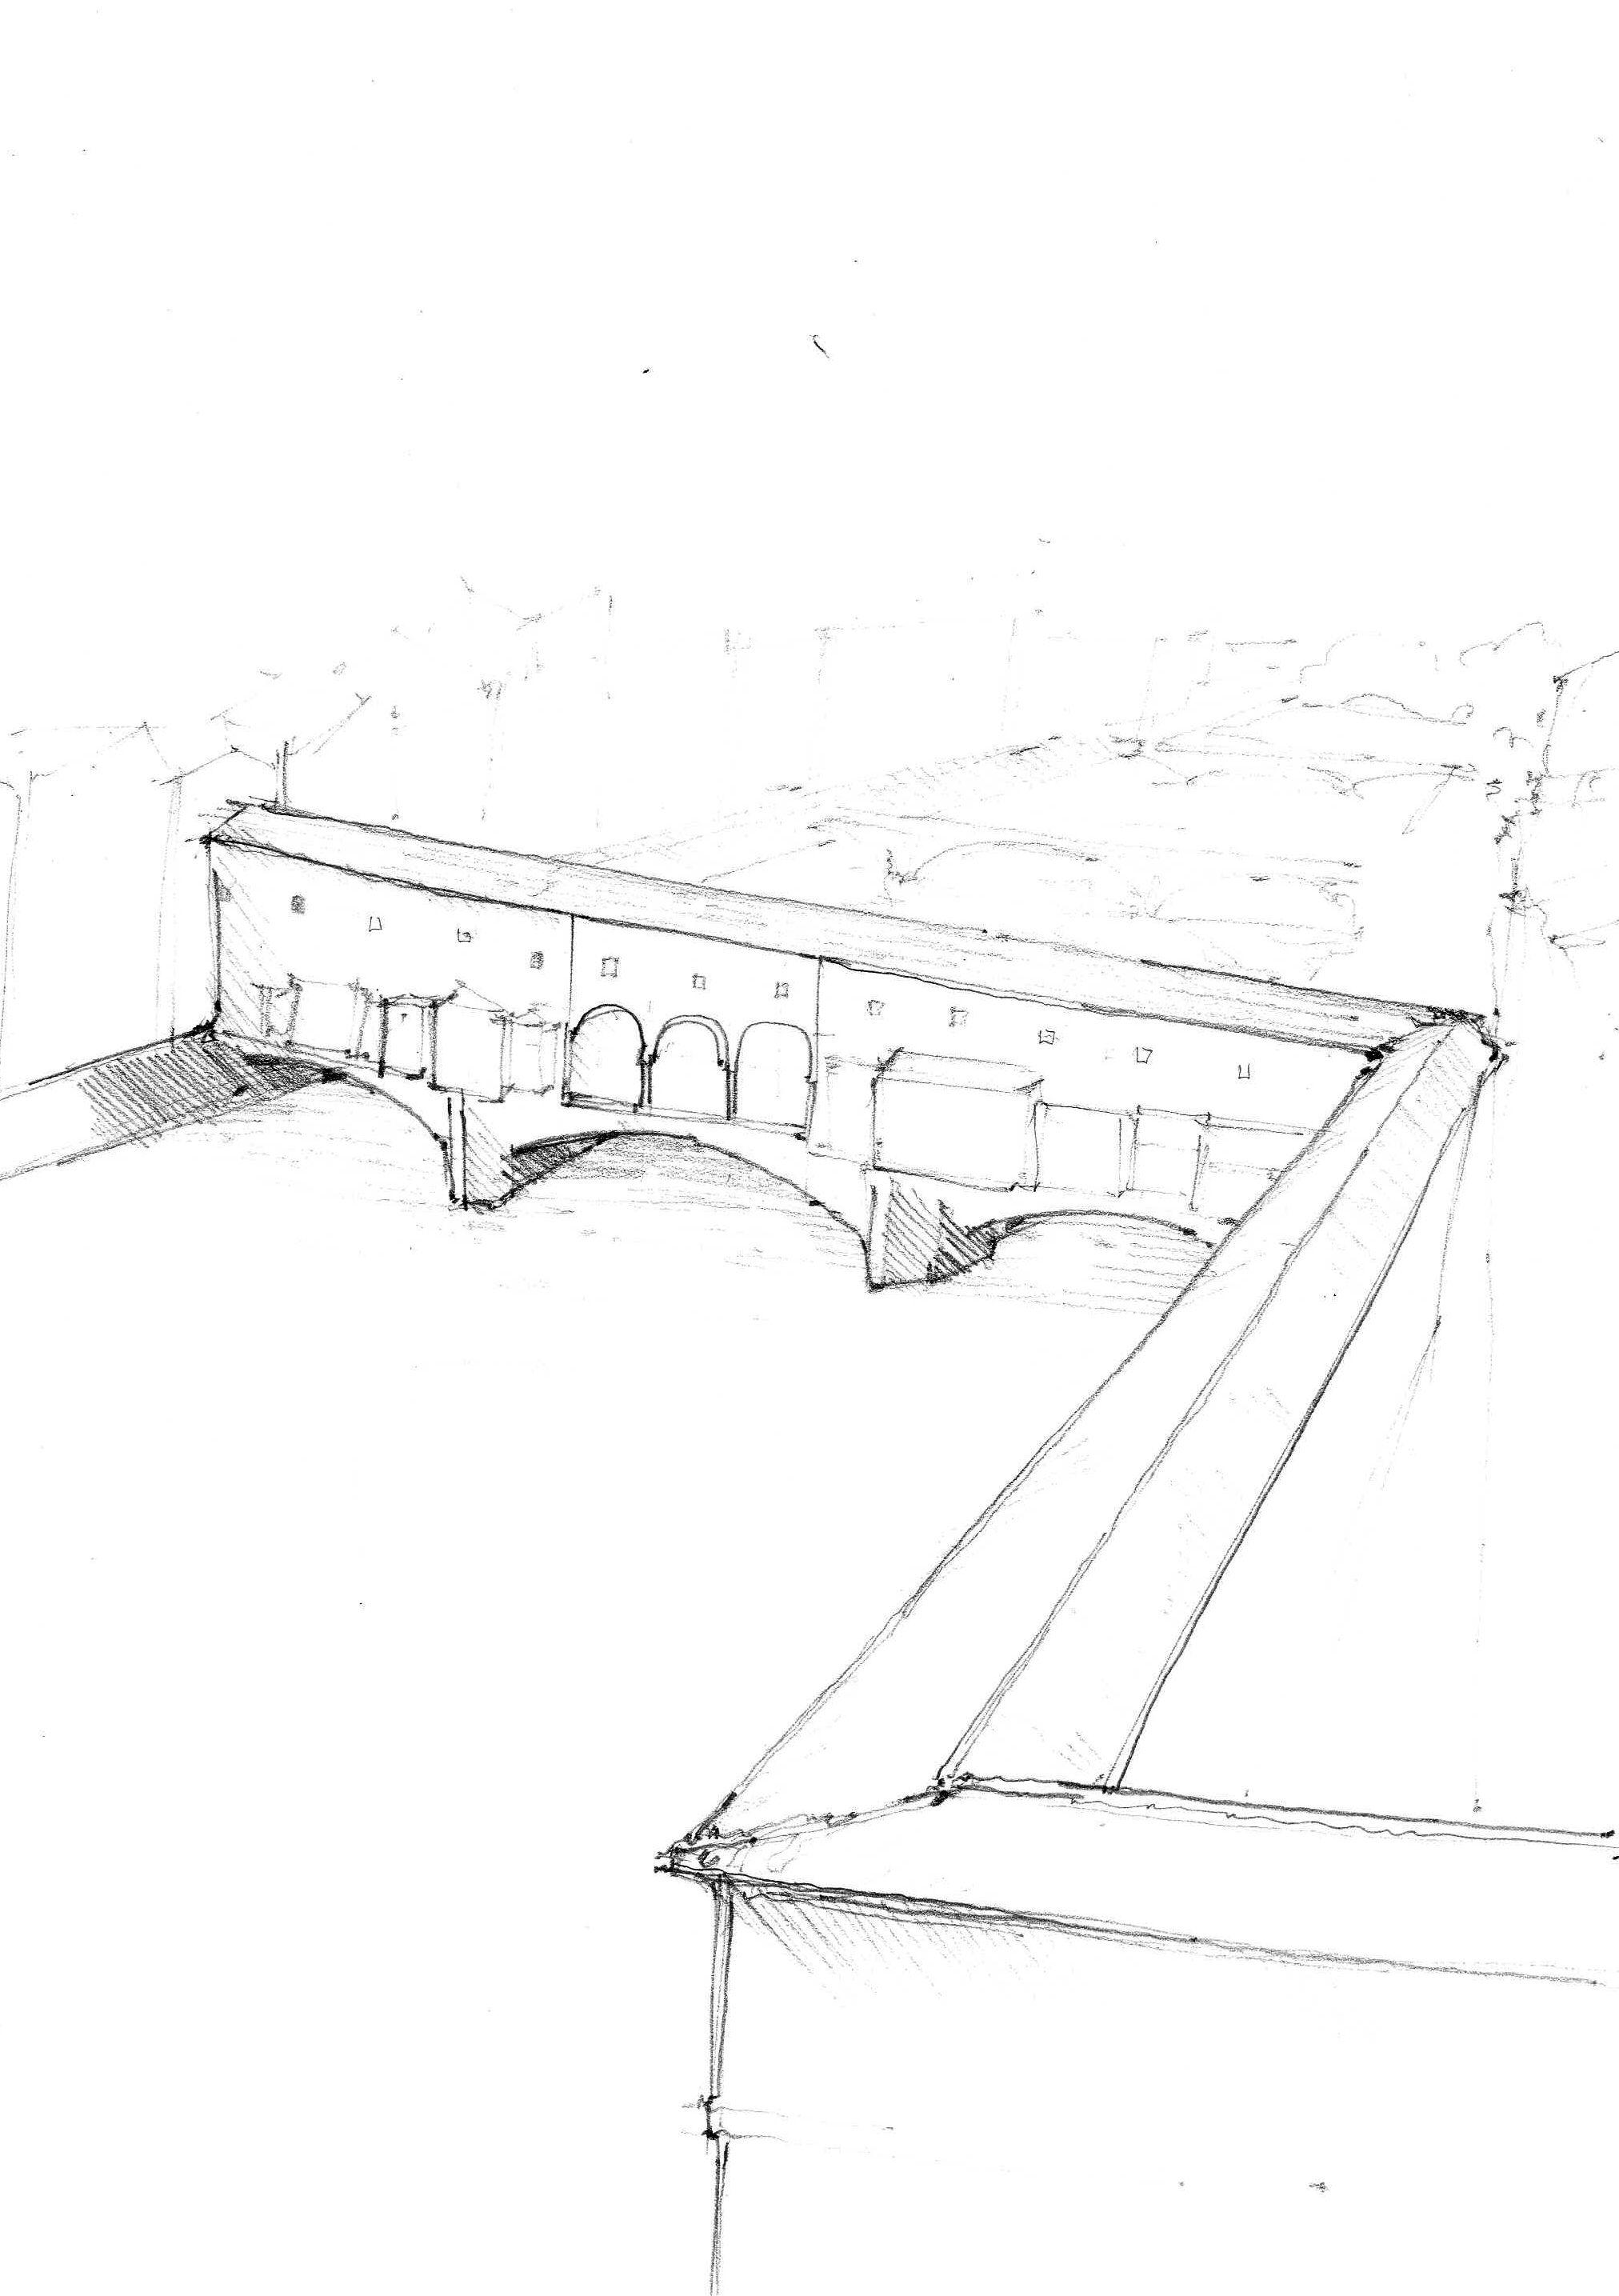 Ponte vecchio firenze italia architecture pencil sketch types of art